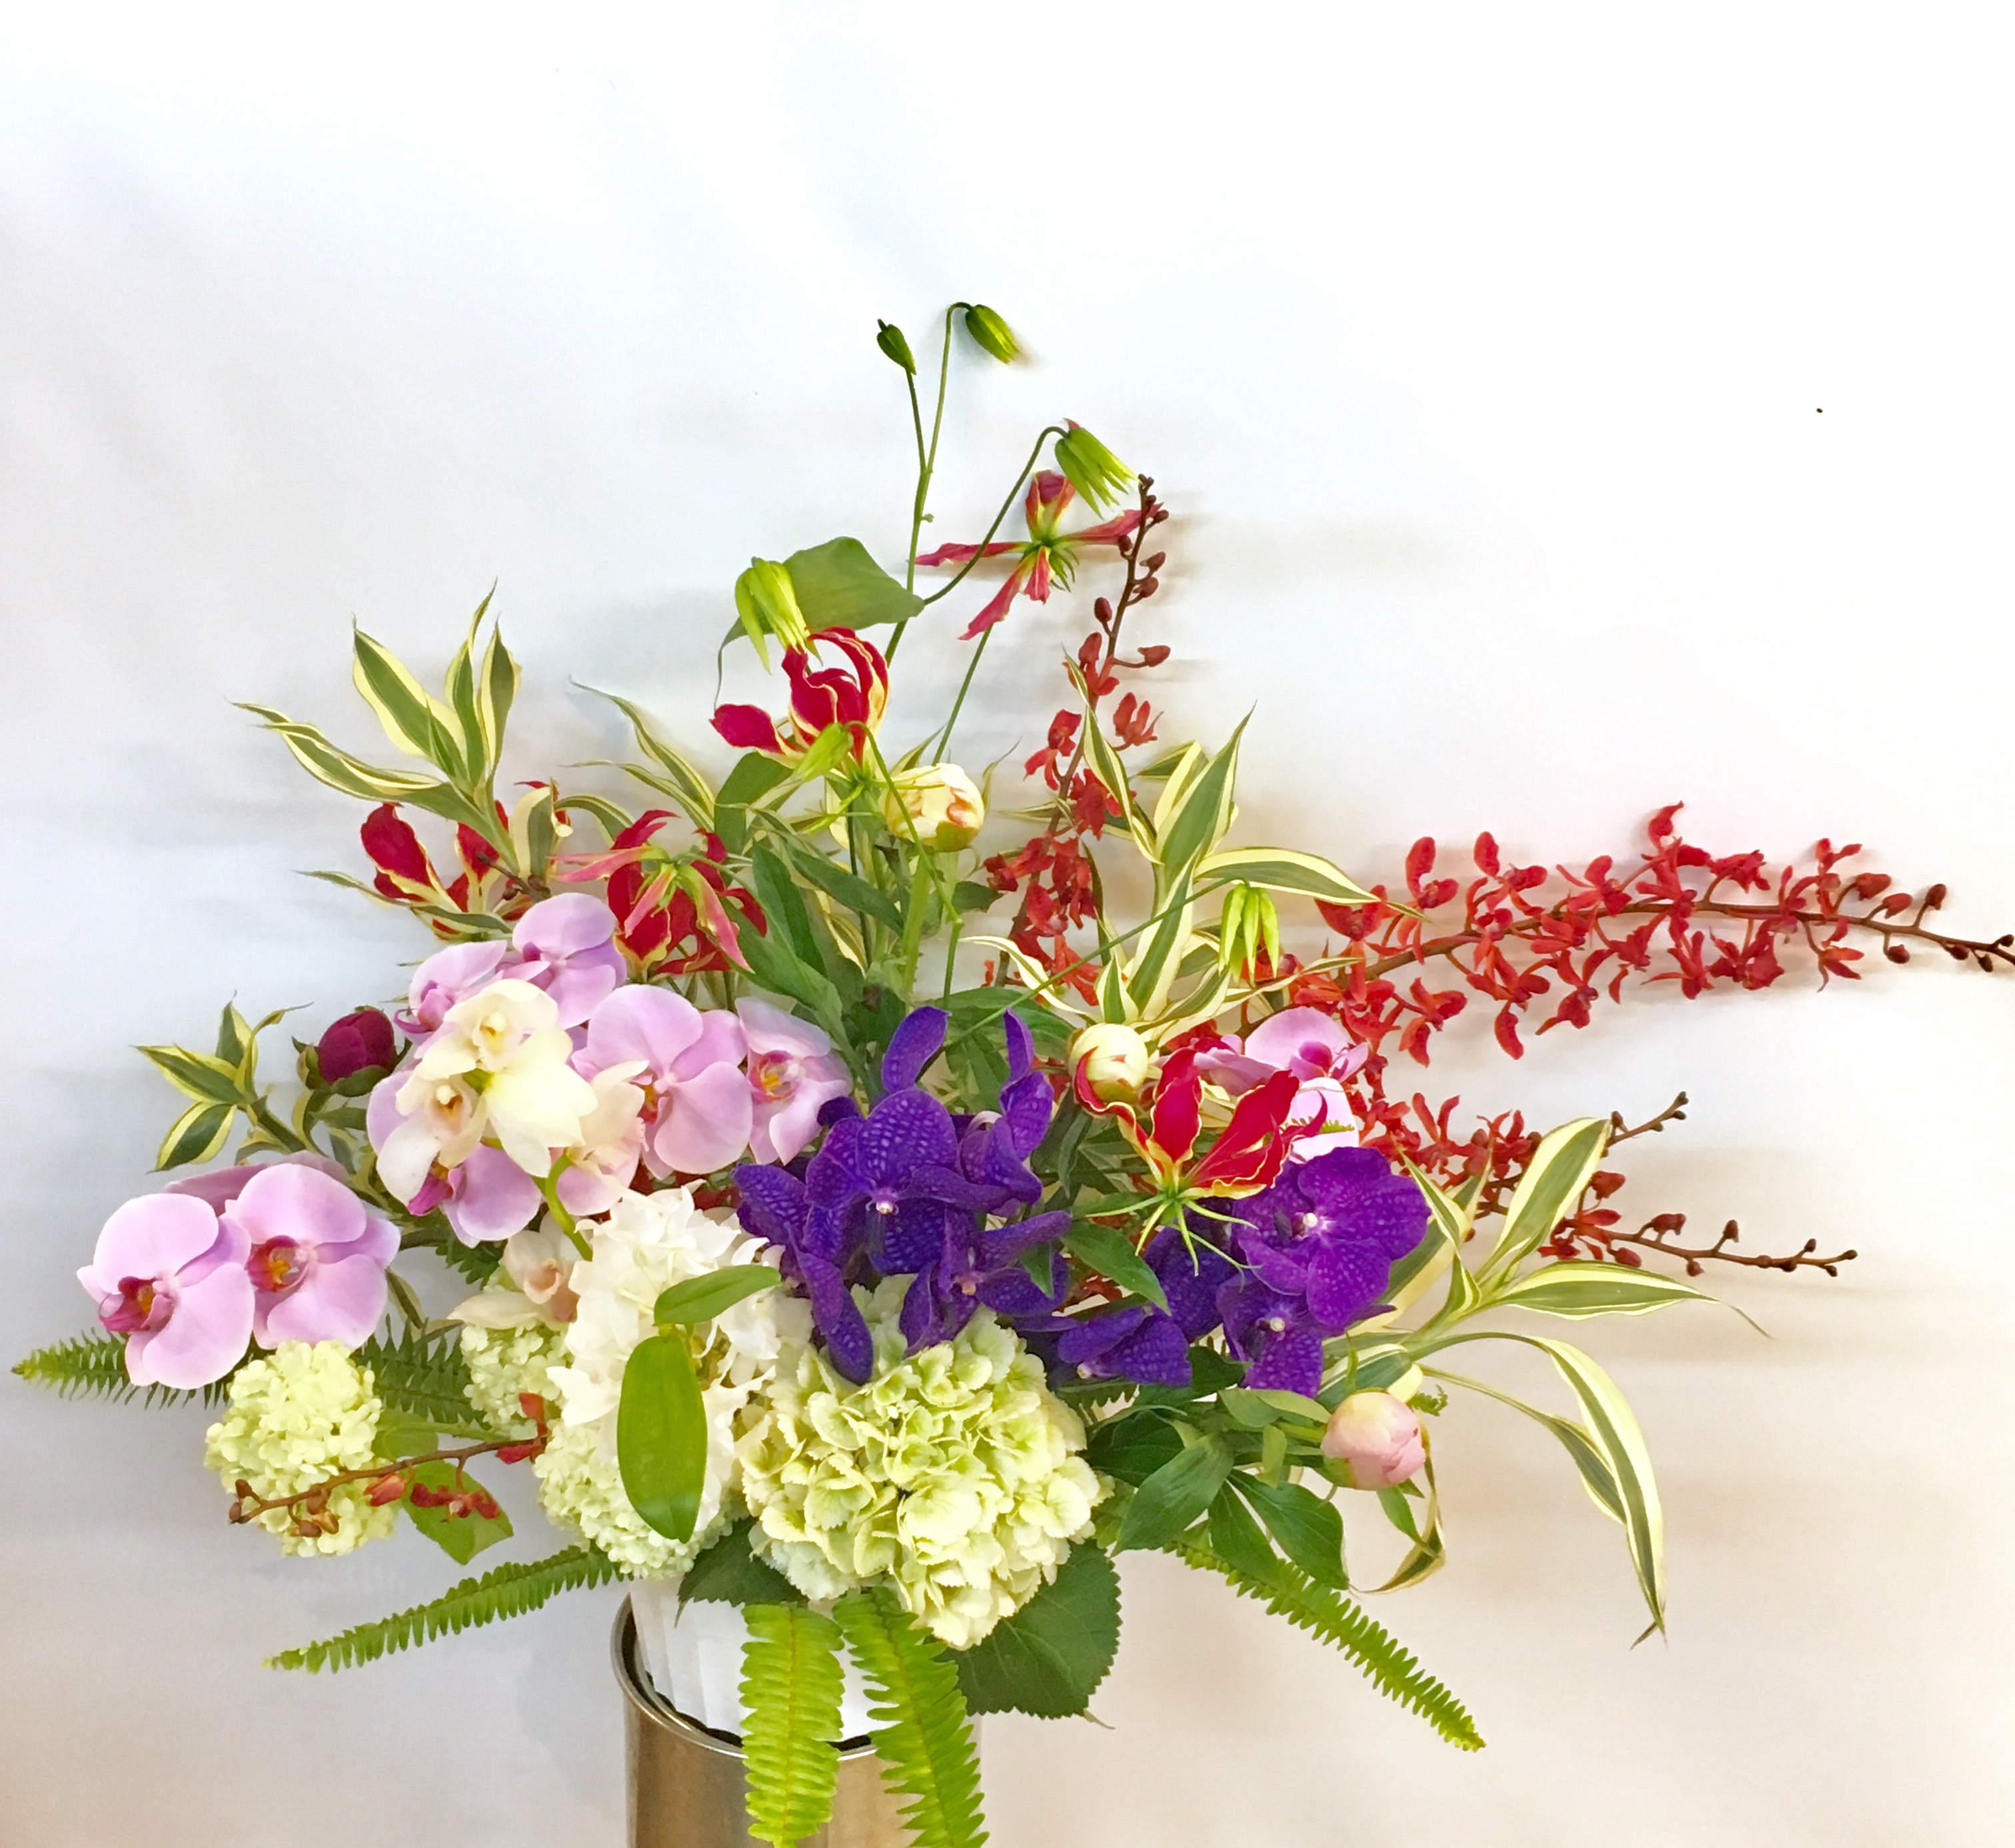 【ナオ花屋の納品事例45】横浜市関内の法人企業様より壺花を配達しました!